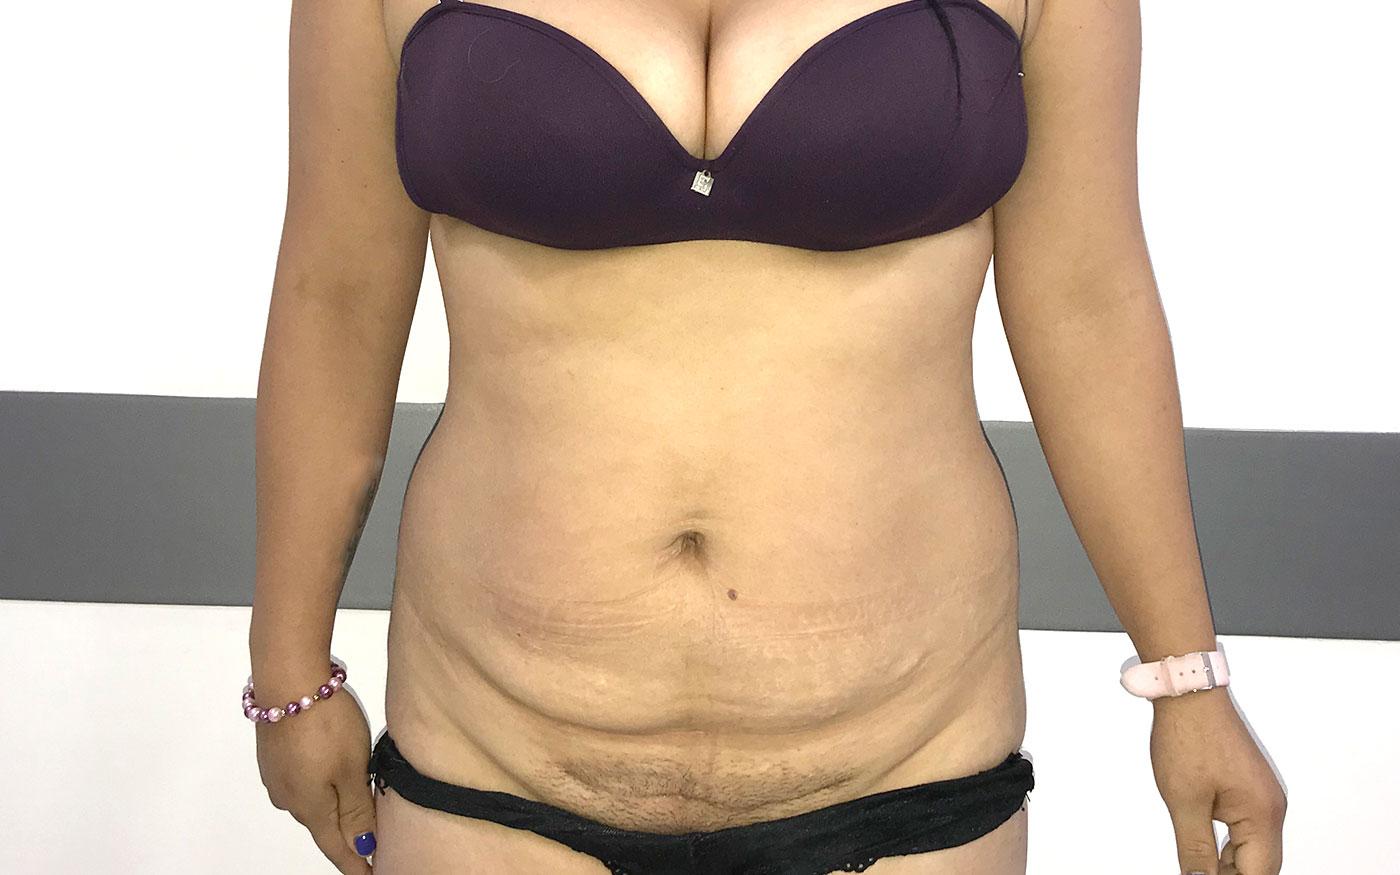 înainte și după pierderea în greutate tummy tuck